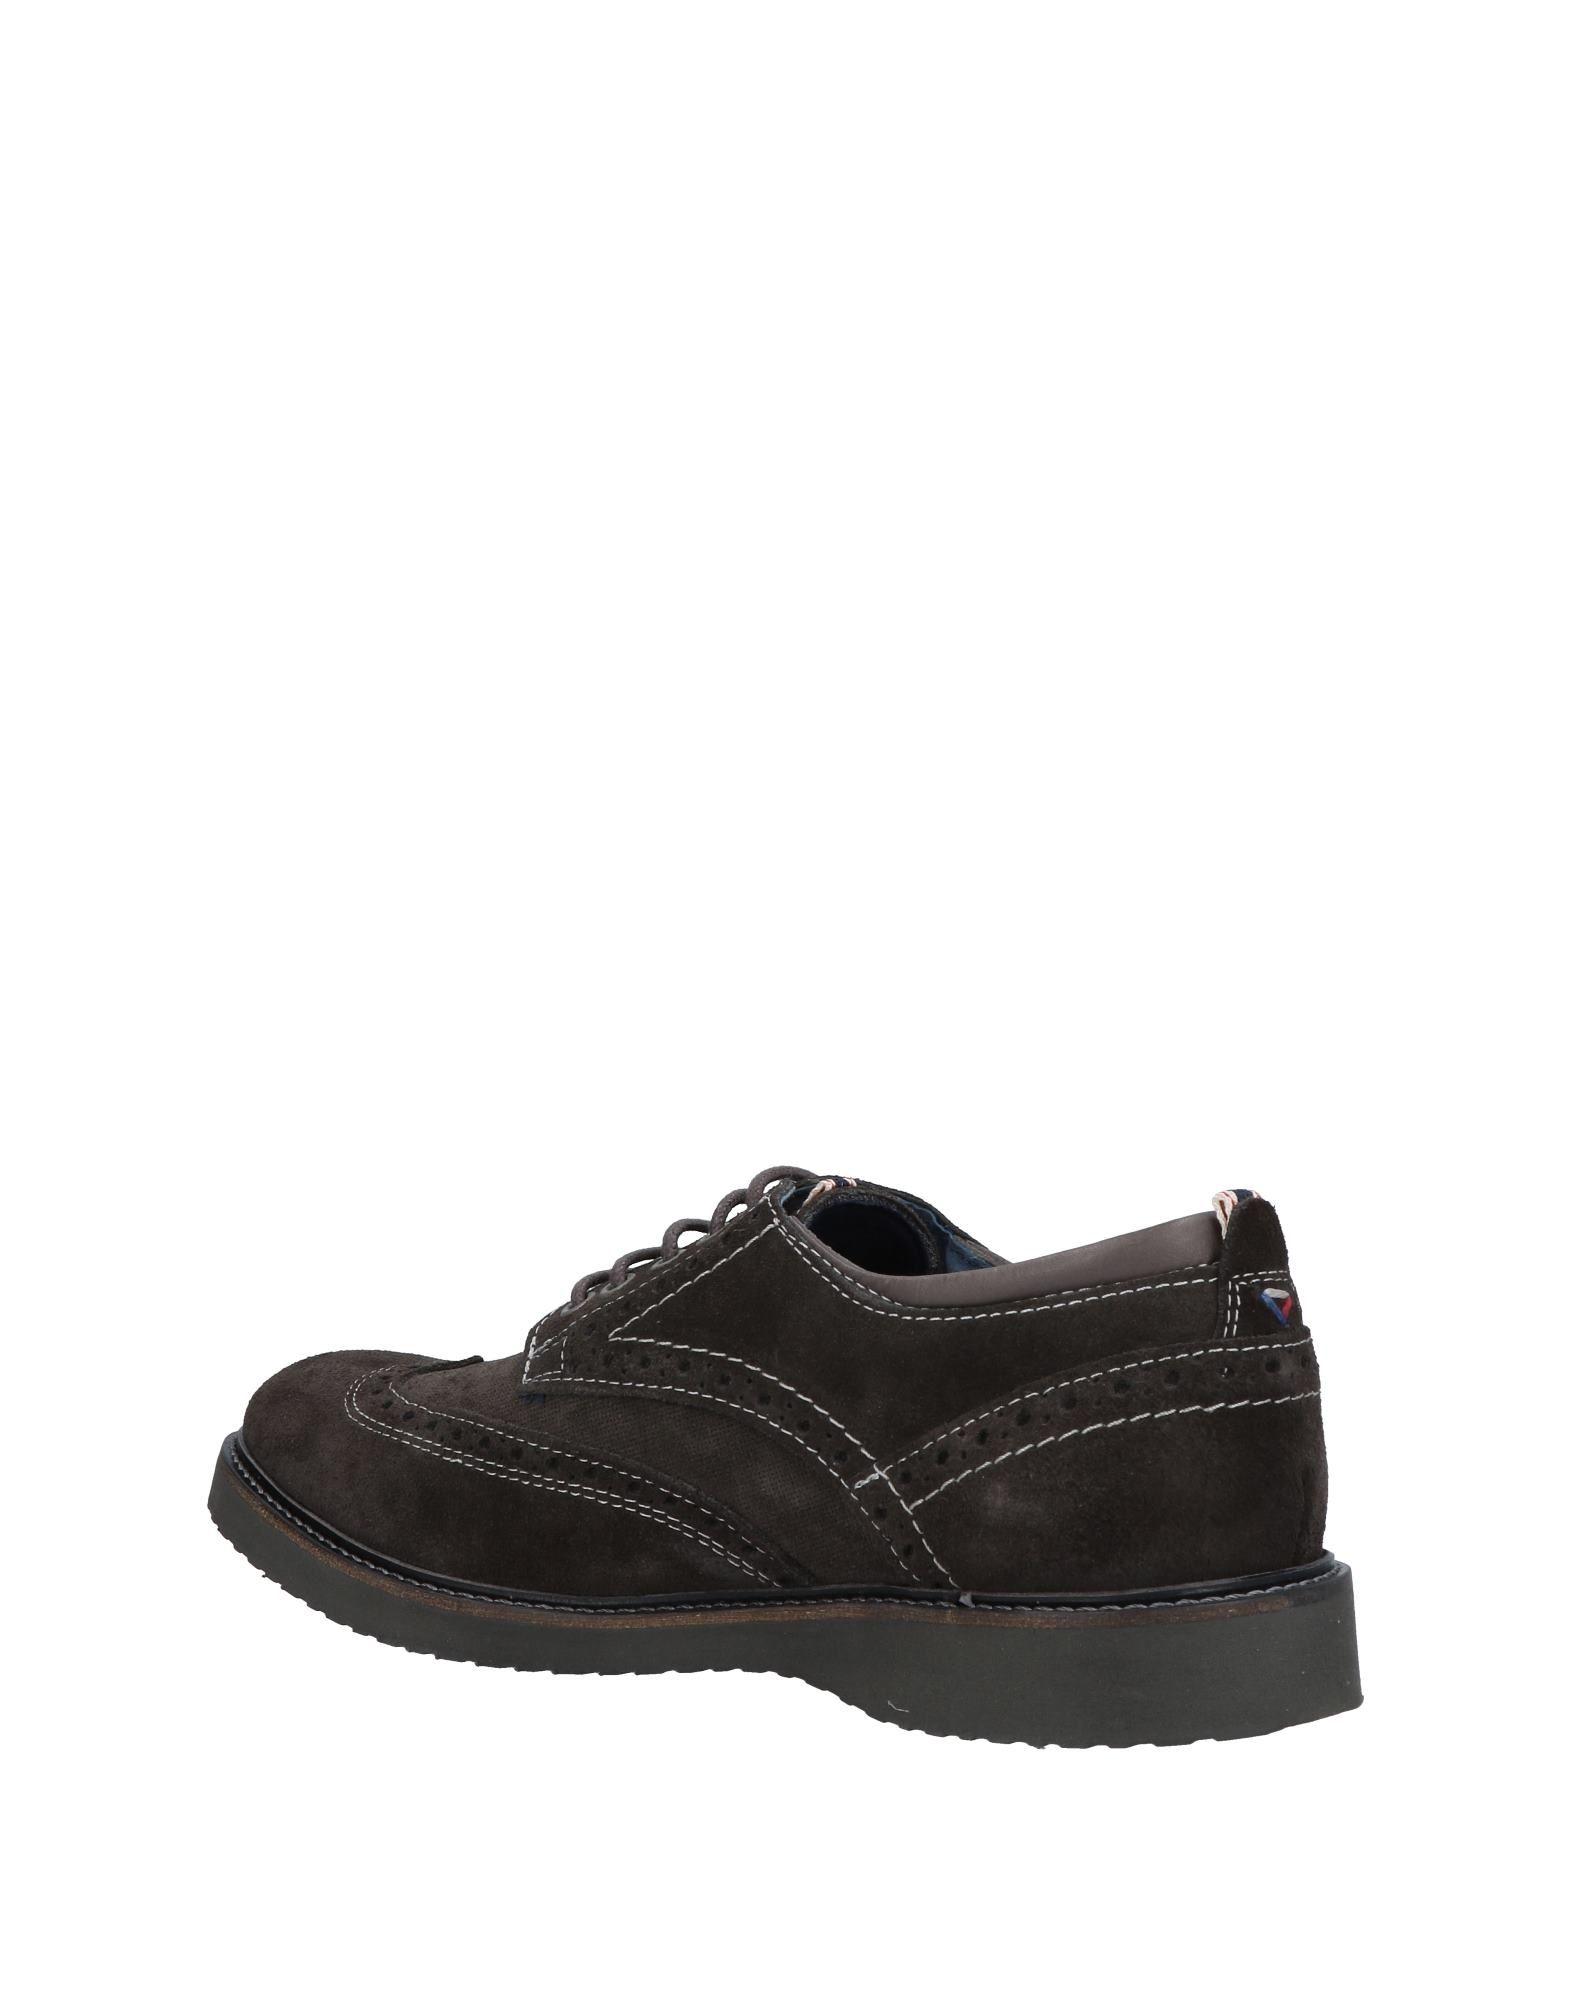 Rabatt echte Schuhe Wrangler Schnürschuhe Herren  11463165SR